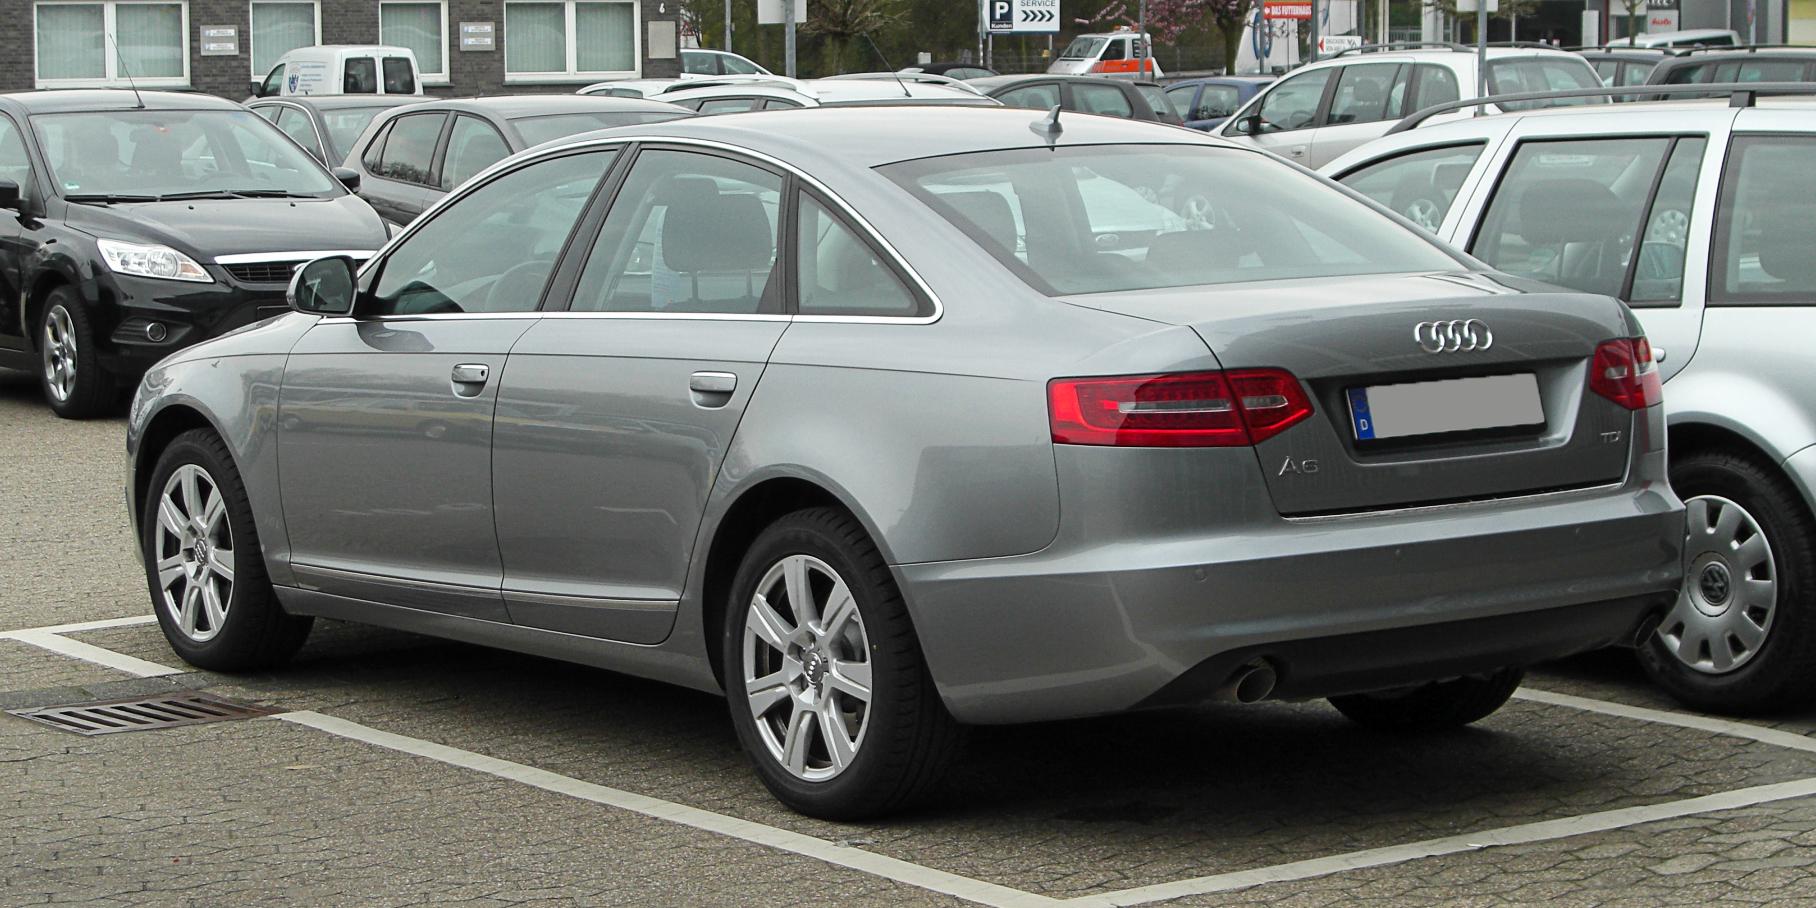 Kelebihan Audi A6 2011 Top Model Tahun Ini